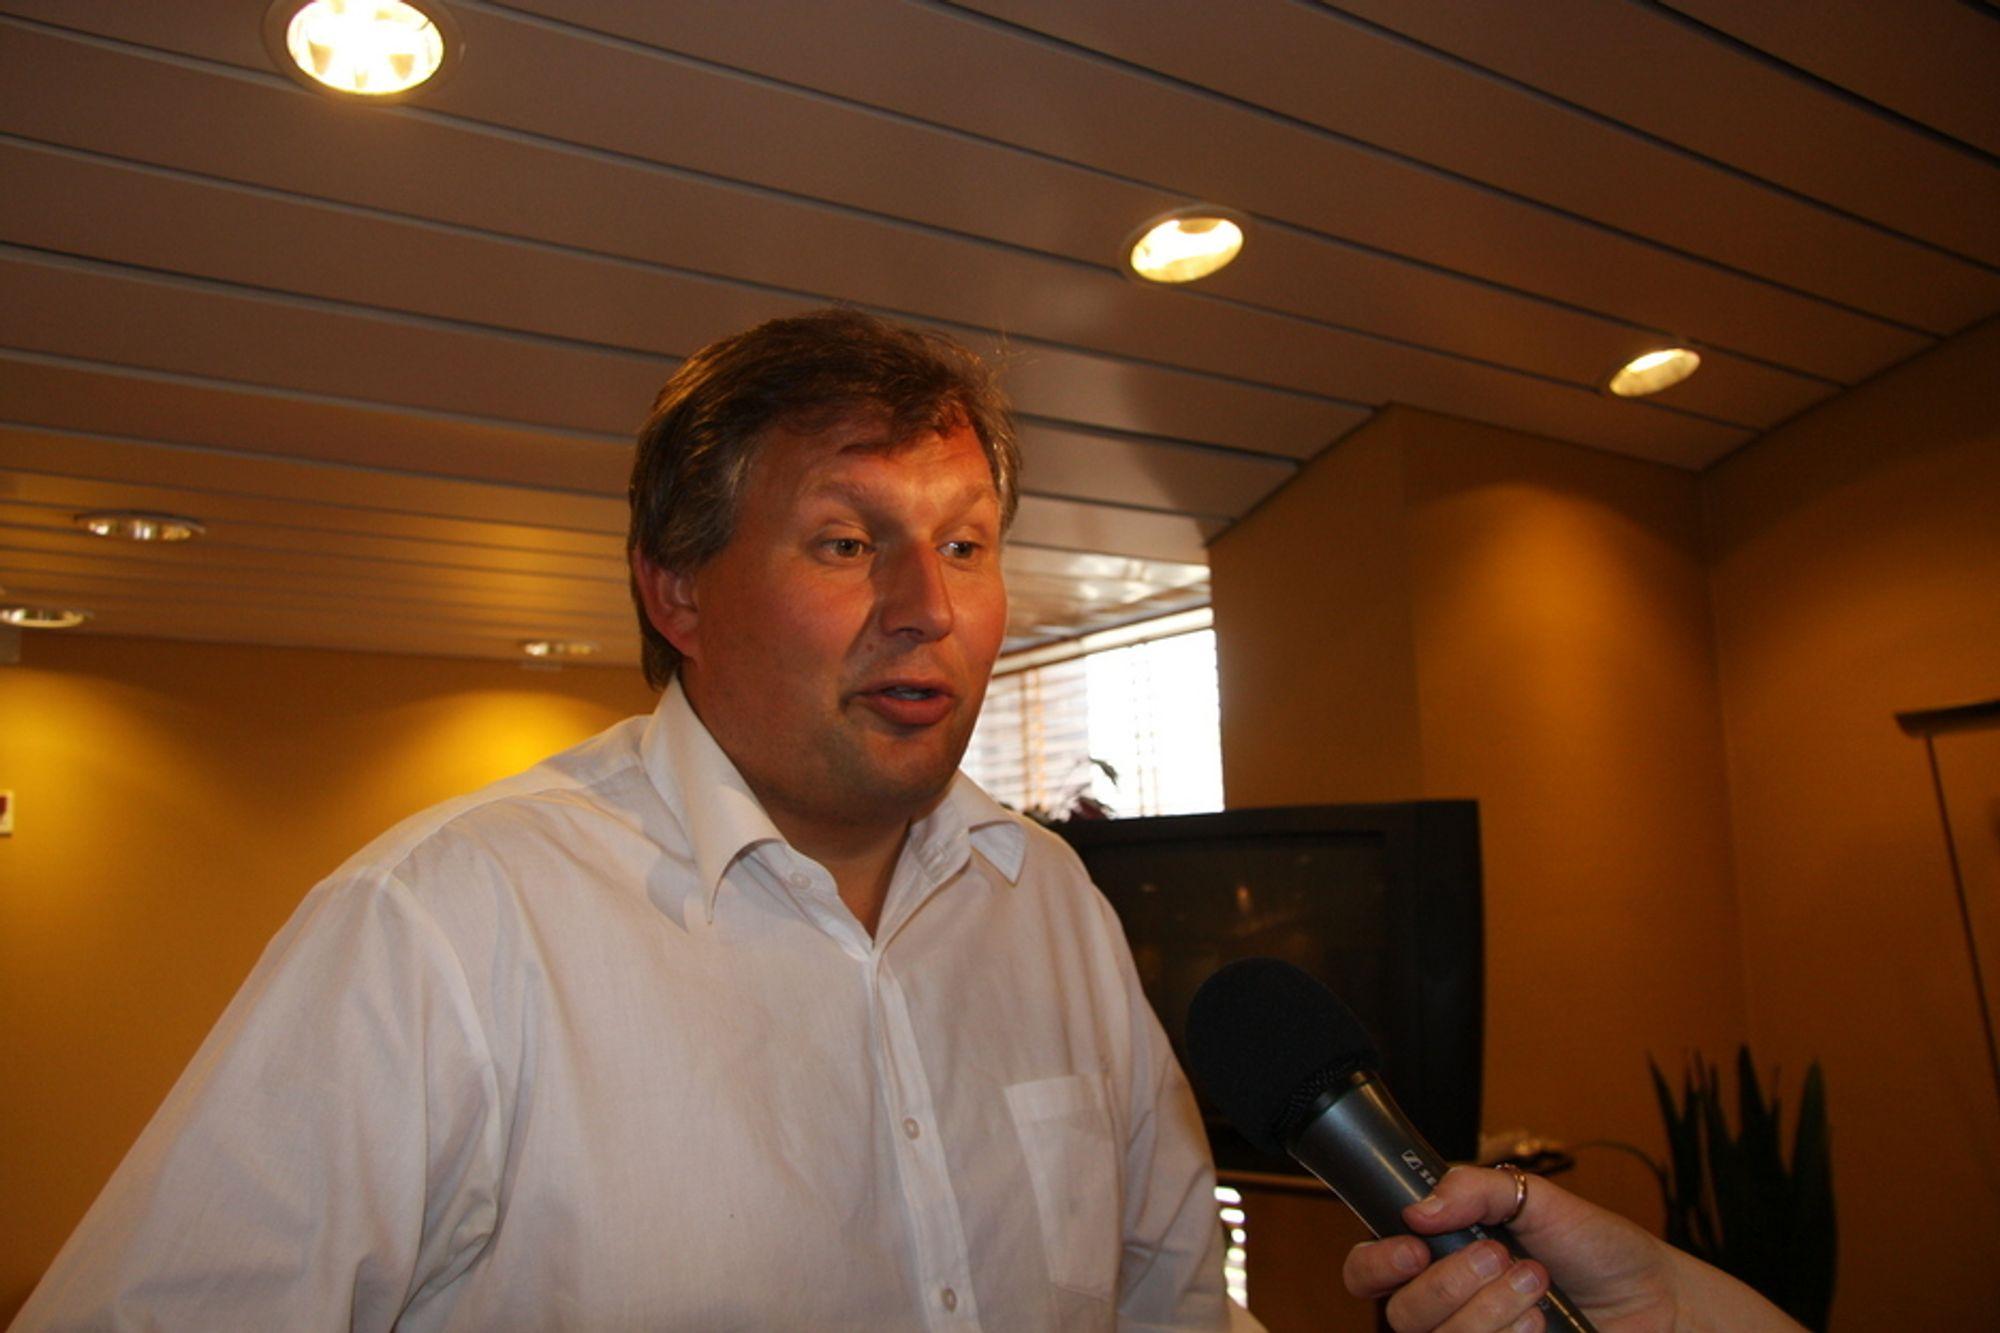 Olje- og energiminister Terje Riis-Johansen intervjues av TUs Mona Strande